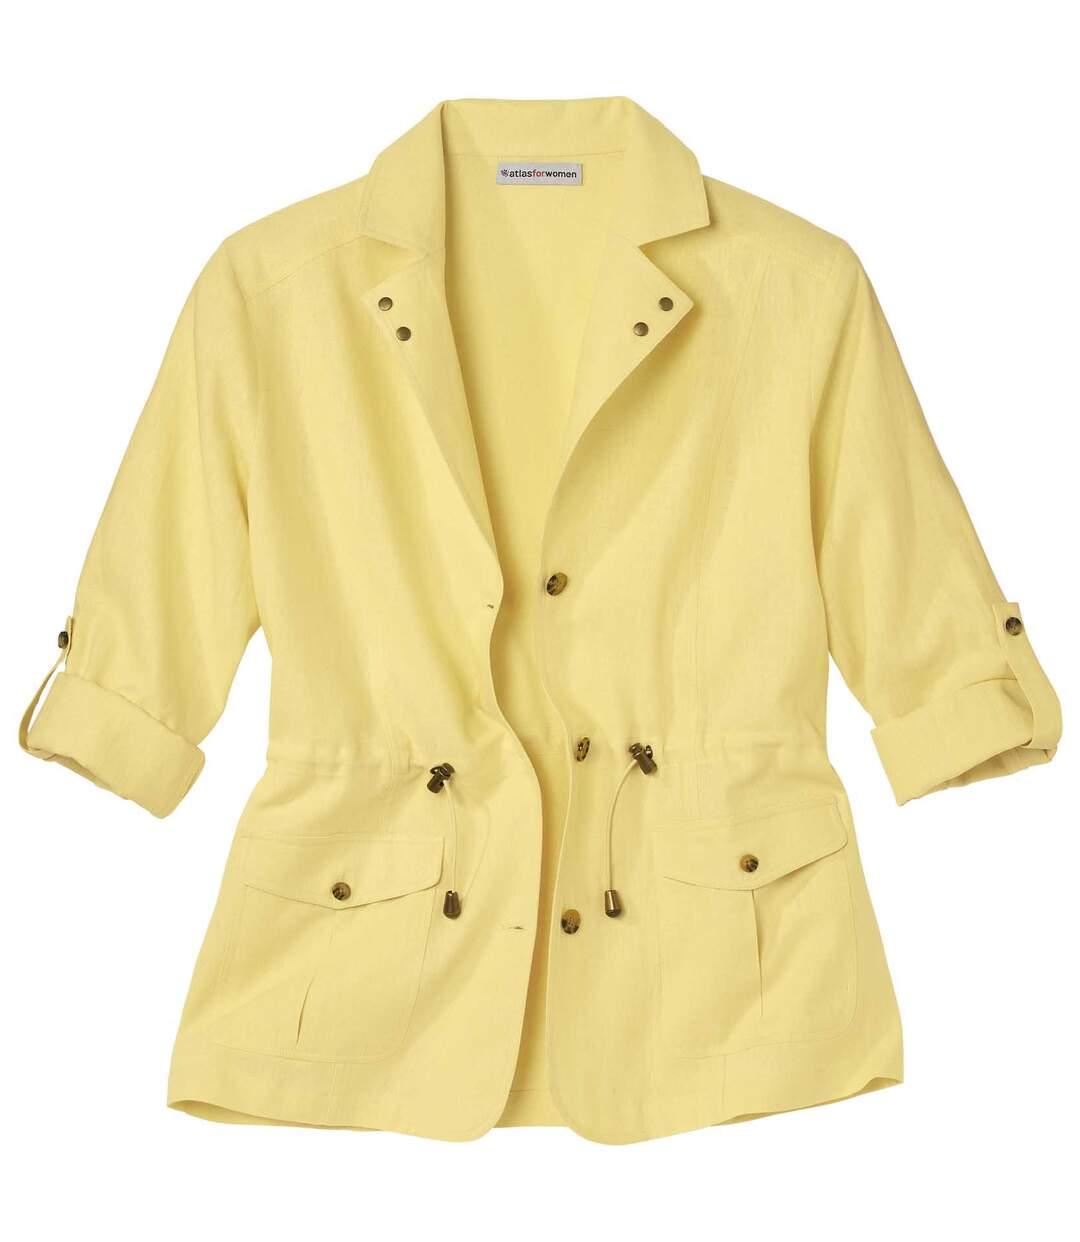 Safari-Jacke aus Leinen und Viskose